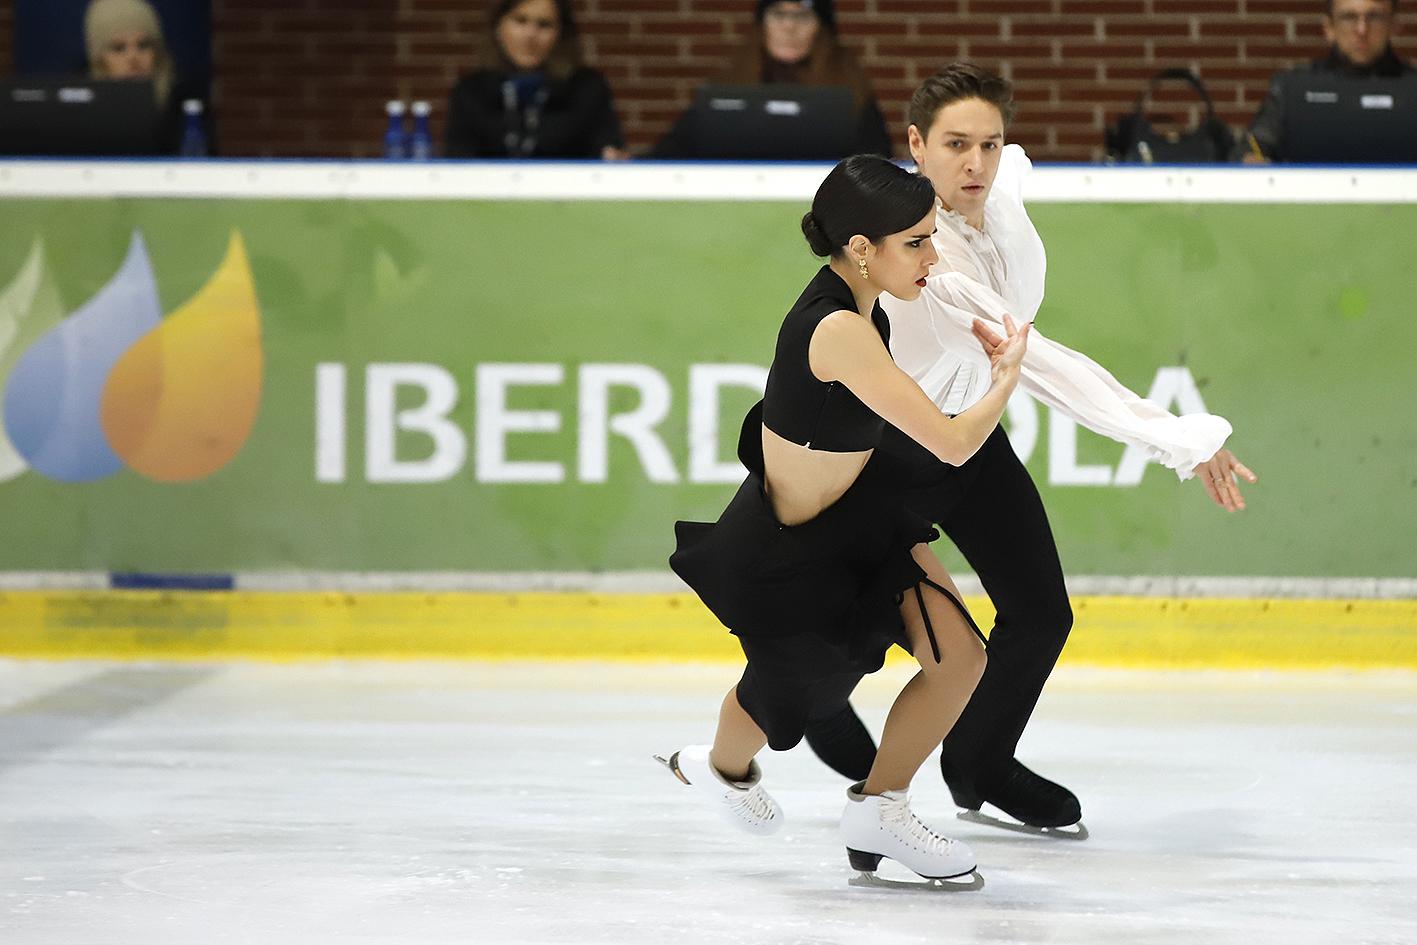 patinaje, El nuevo reglamento de patinaje: un importante paso adelante, Real Federación Española Deportes de Hielo